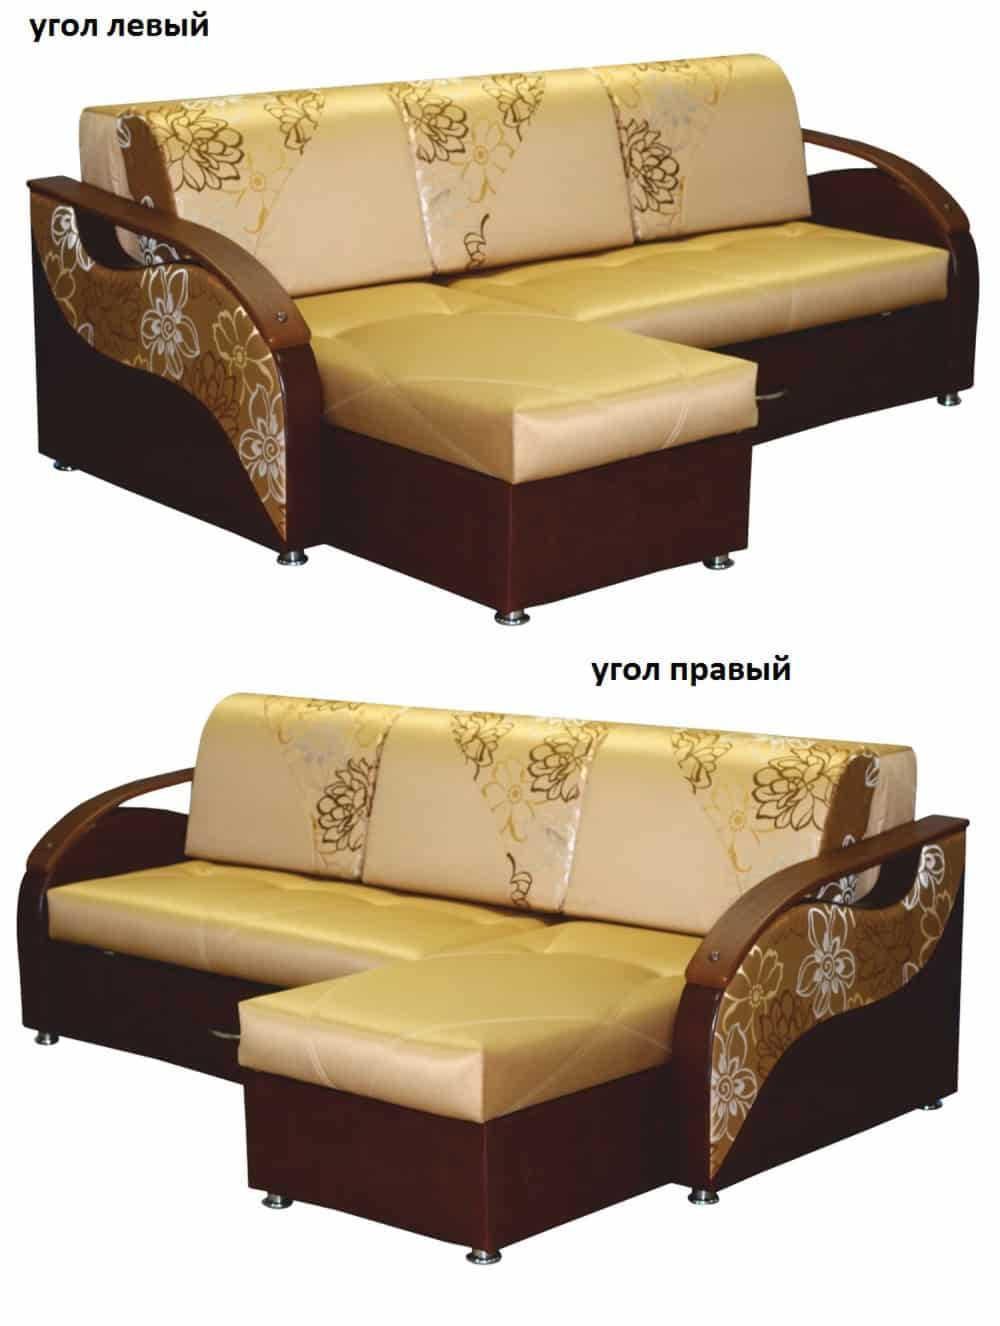 Угловой диван Три Кита левый или правый